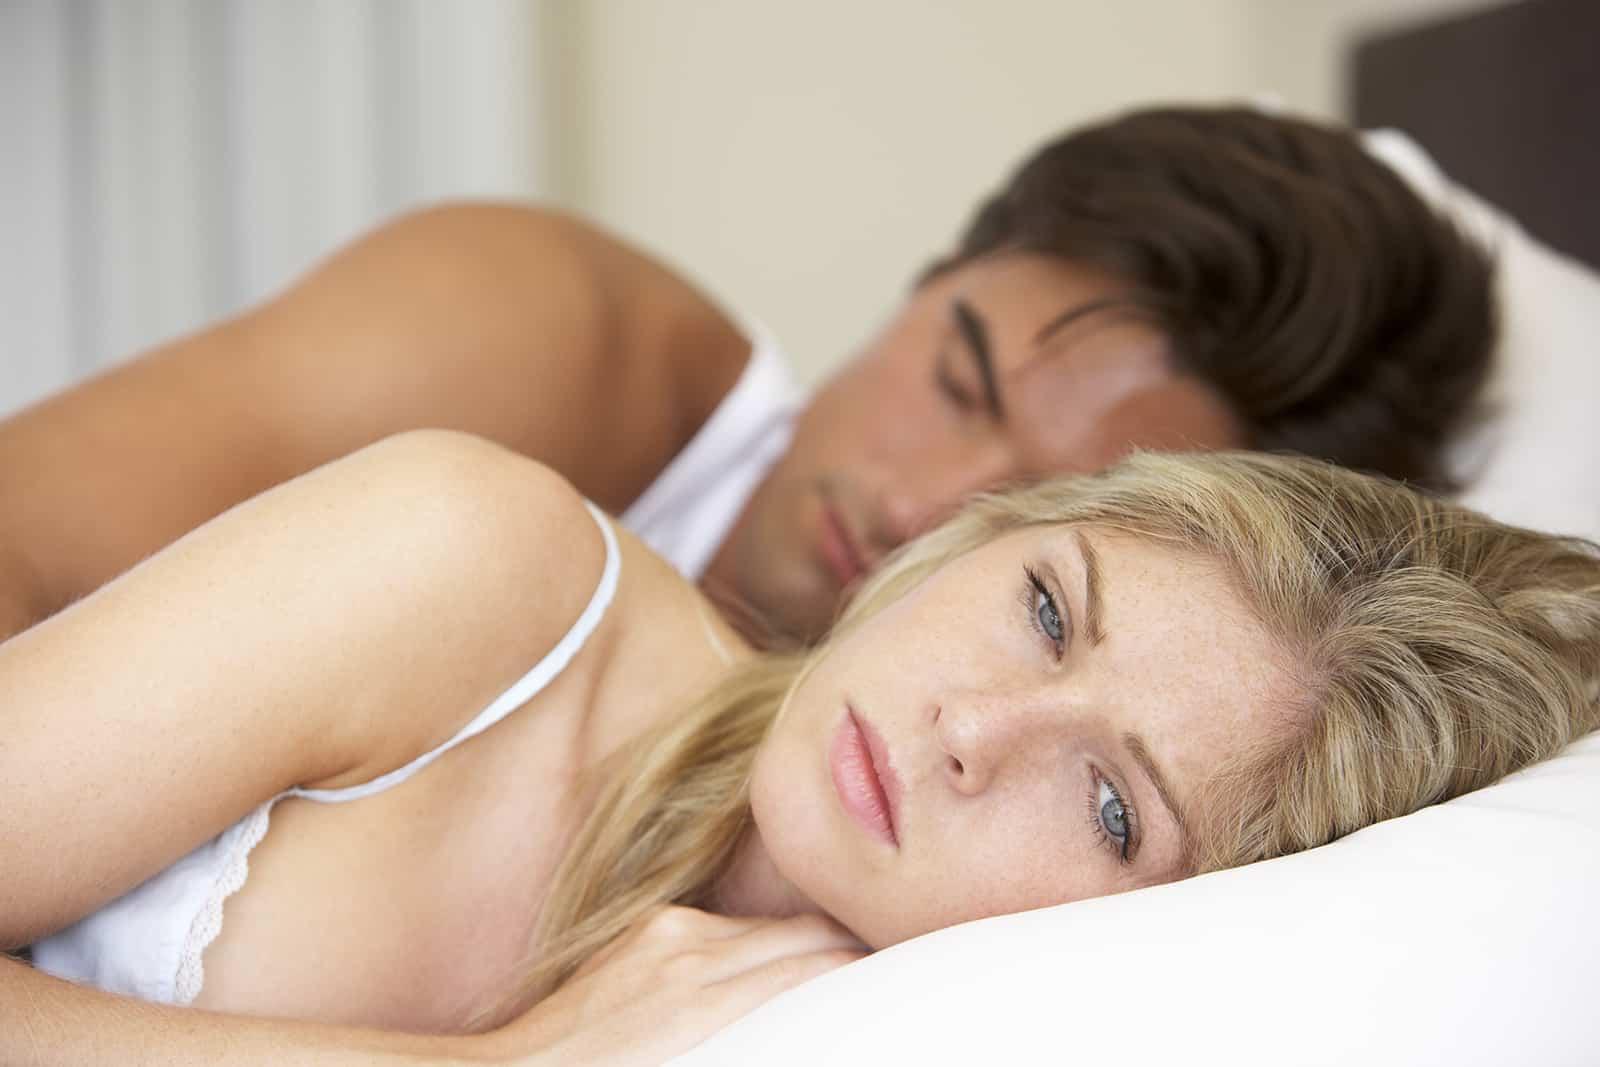 eine traurige Frau, die neben einem schlafenden Mann im Bett liegt